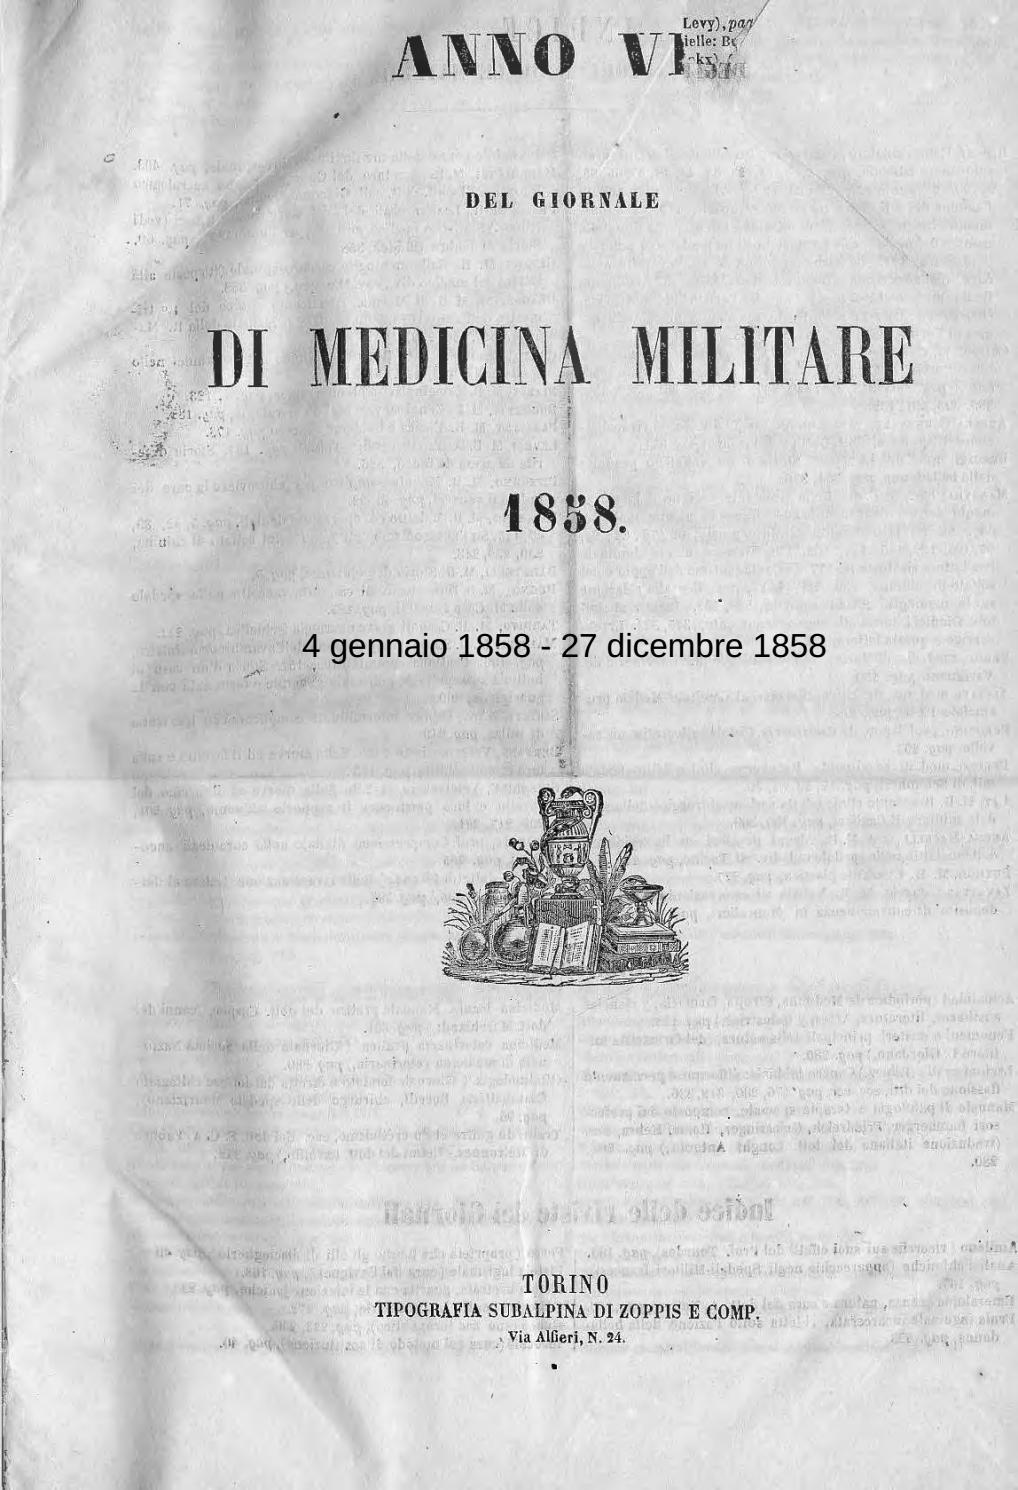 uretrite negli uomini in soldati lyrics translation